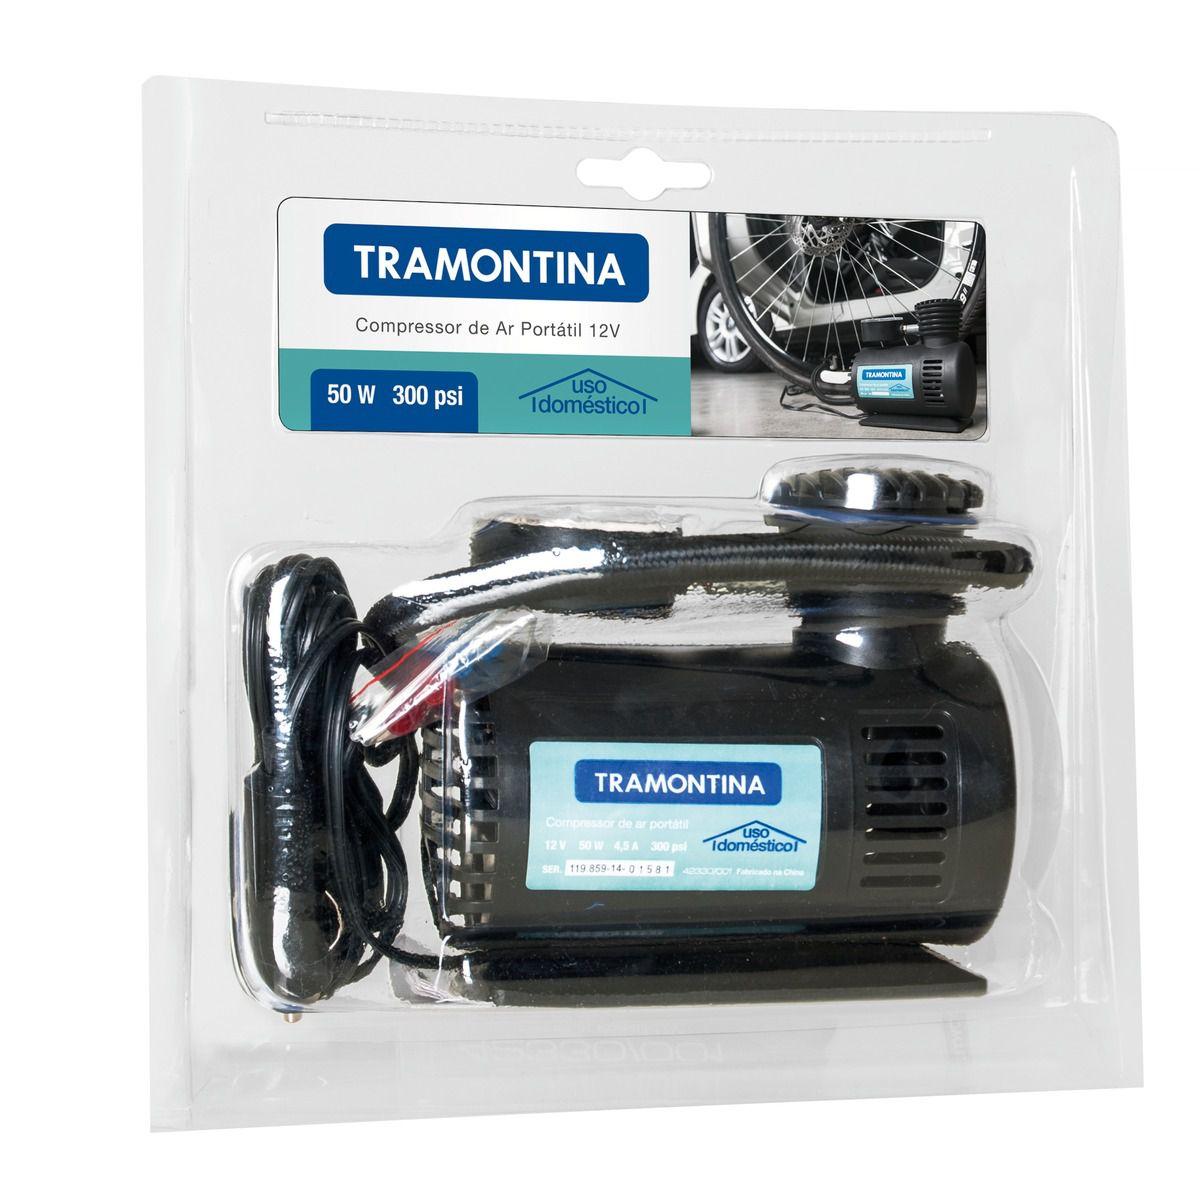 Compressor de Ar Portátil 12V 50W p/ Carro Tramontina